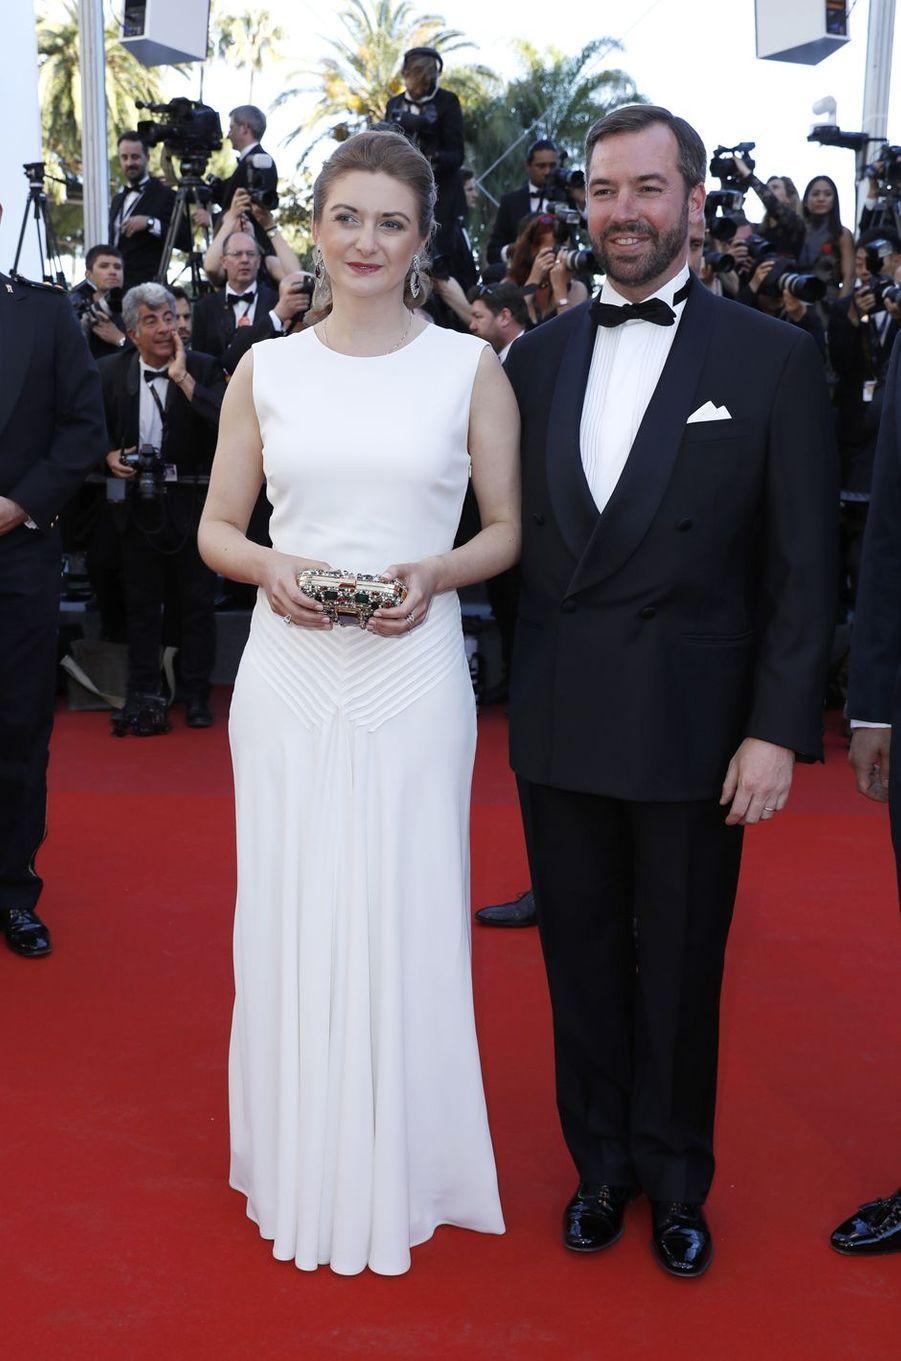 La princesse Stéphanie et le prince Guillaume de Luxembourg au 70e Festival de Cannes, le 17 mai 2017